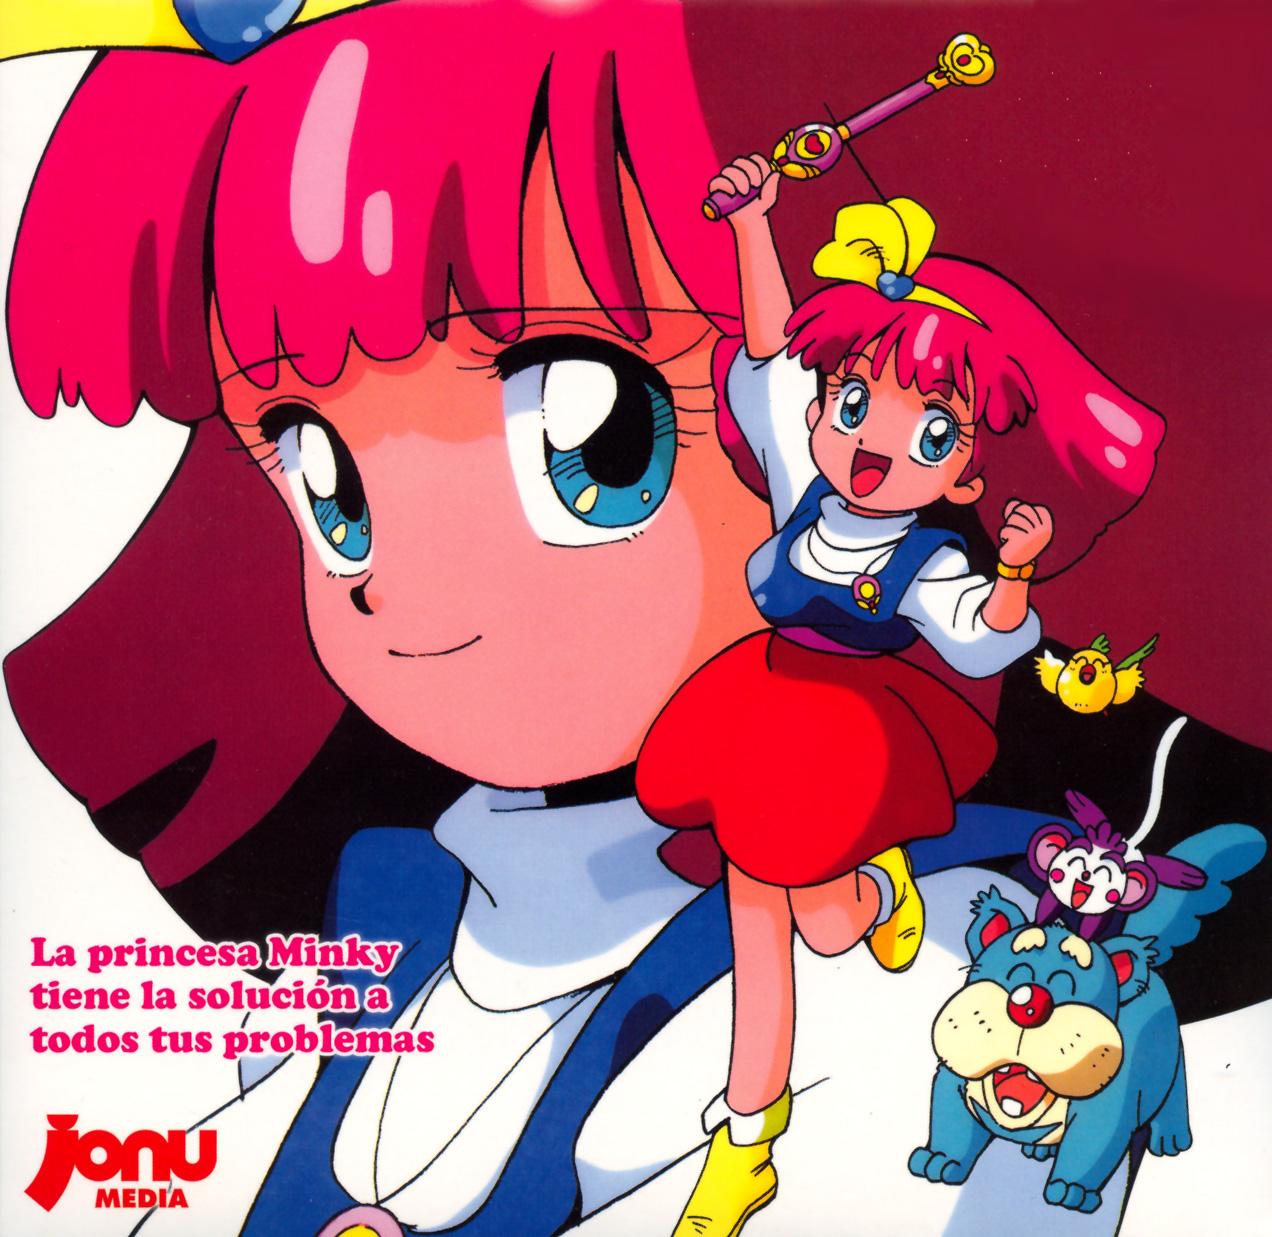 Kết quả hình ảnh cho Mahou no Princess Minky Momo